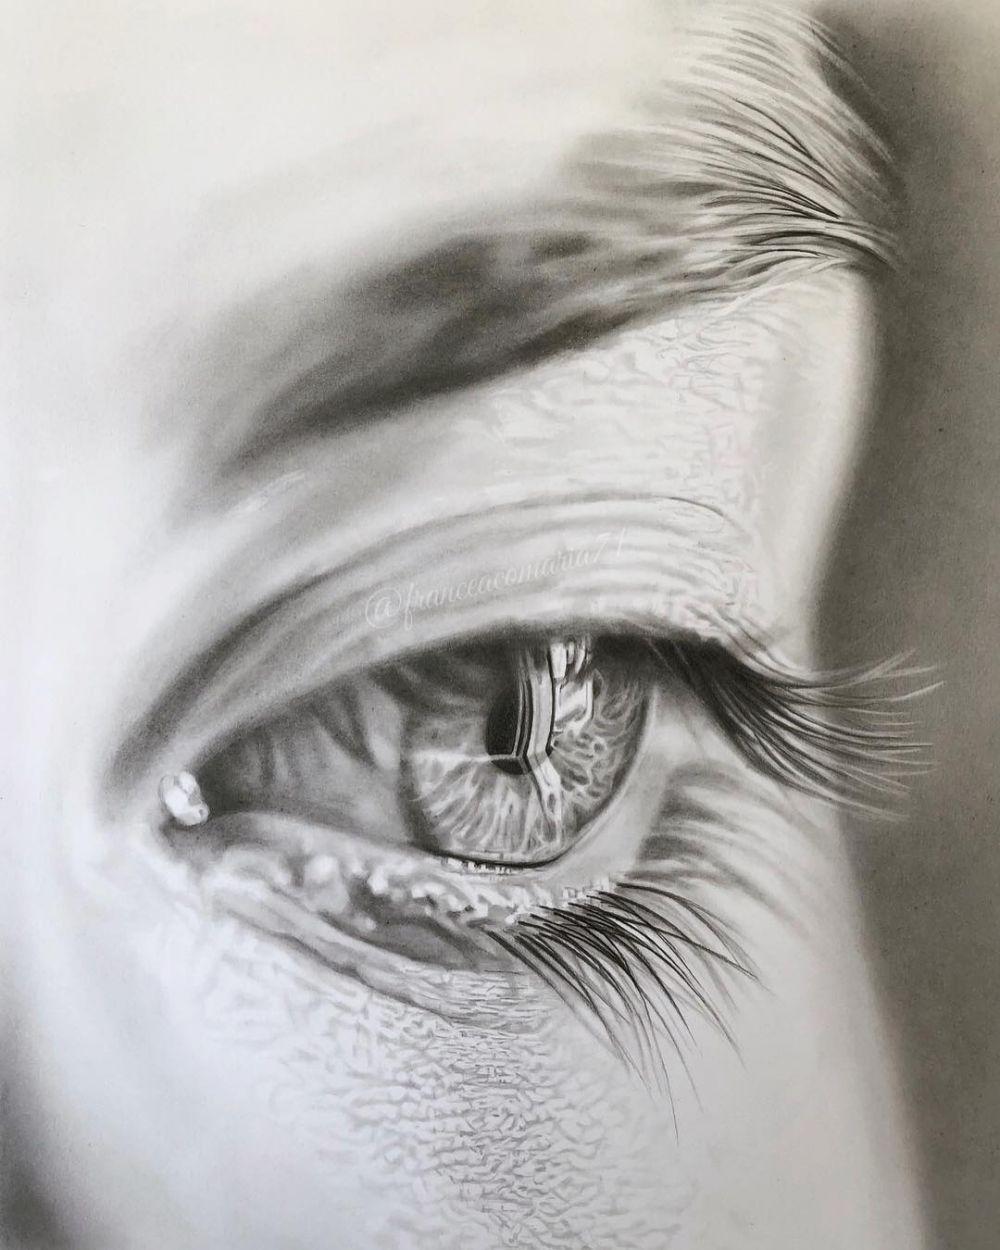 Lukisan Mata Menangis Sedih Cikimm Com Di 2020 Lukisan Gambar Pensil